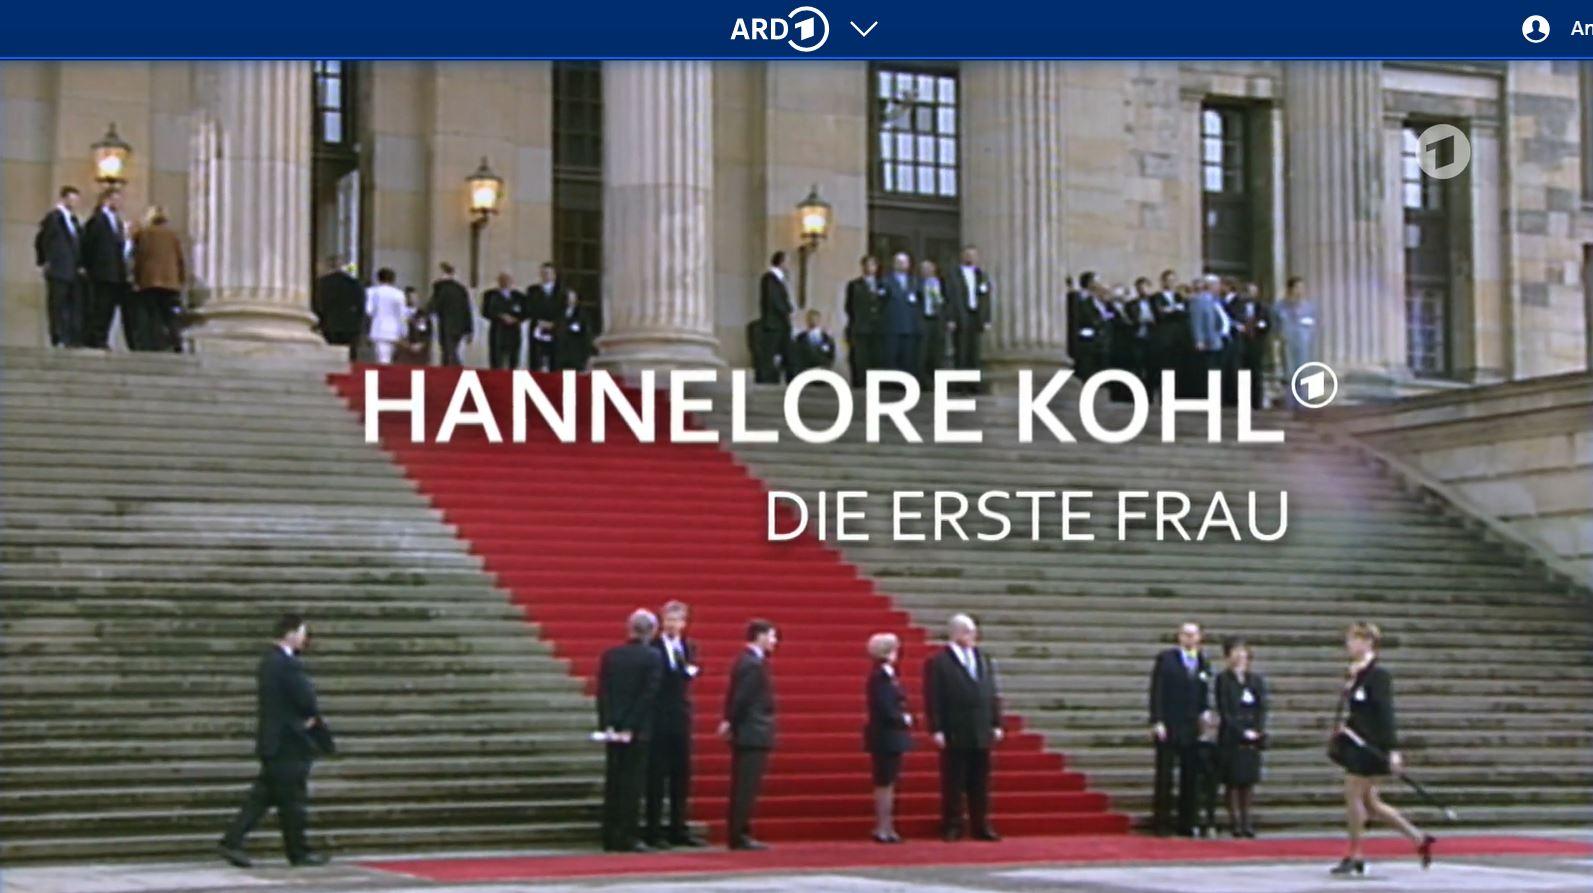 ARD-Doku: Hannelore Kohl - Die erste Frau